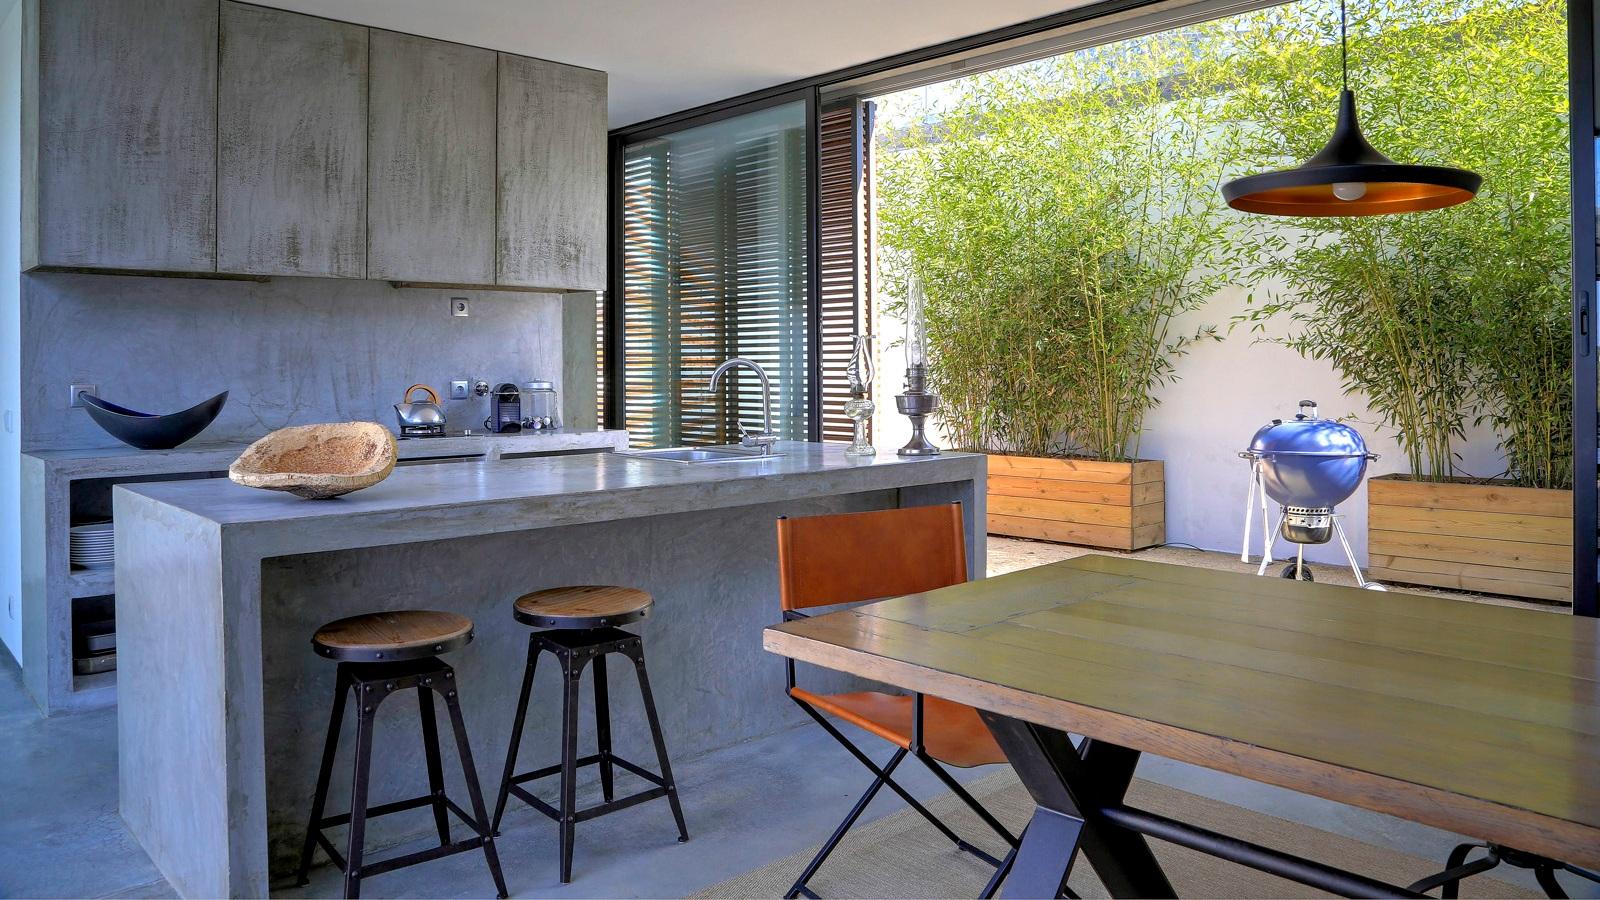 Casa+do+Pego+Interior+2.jpg